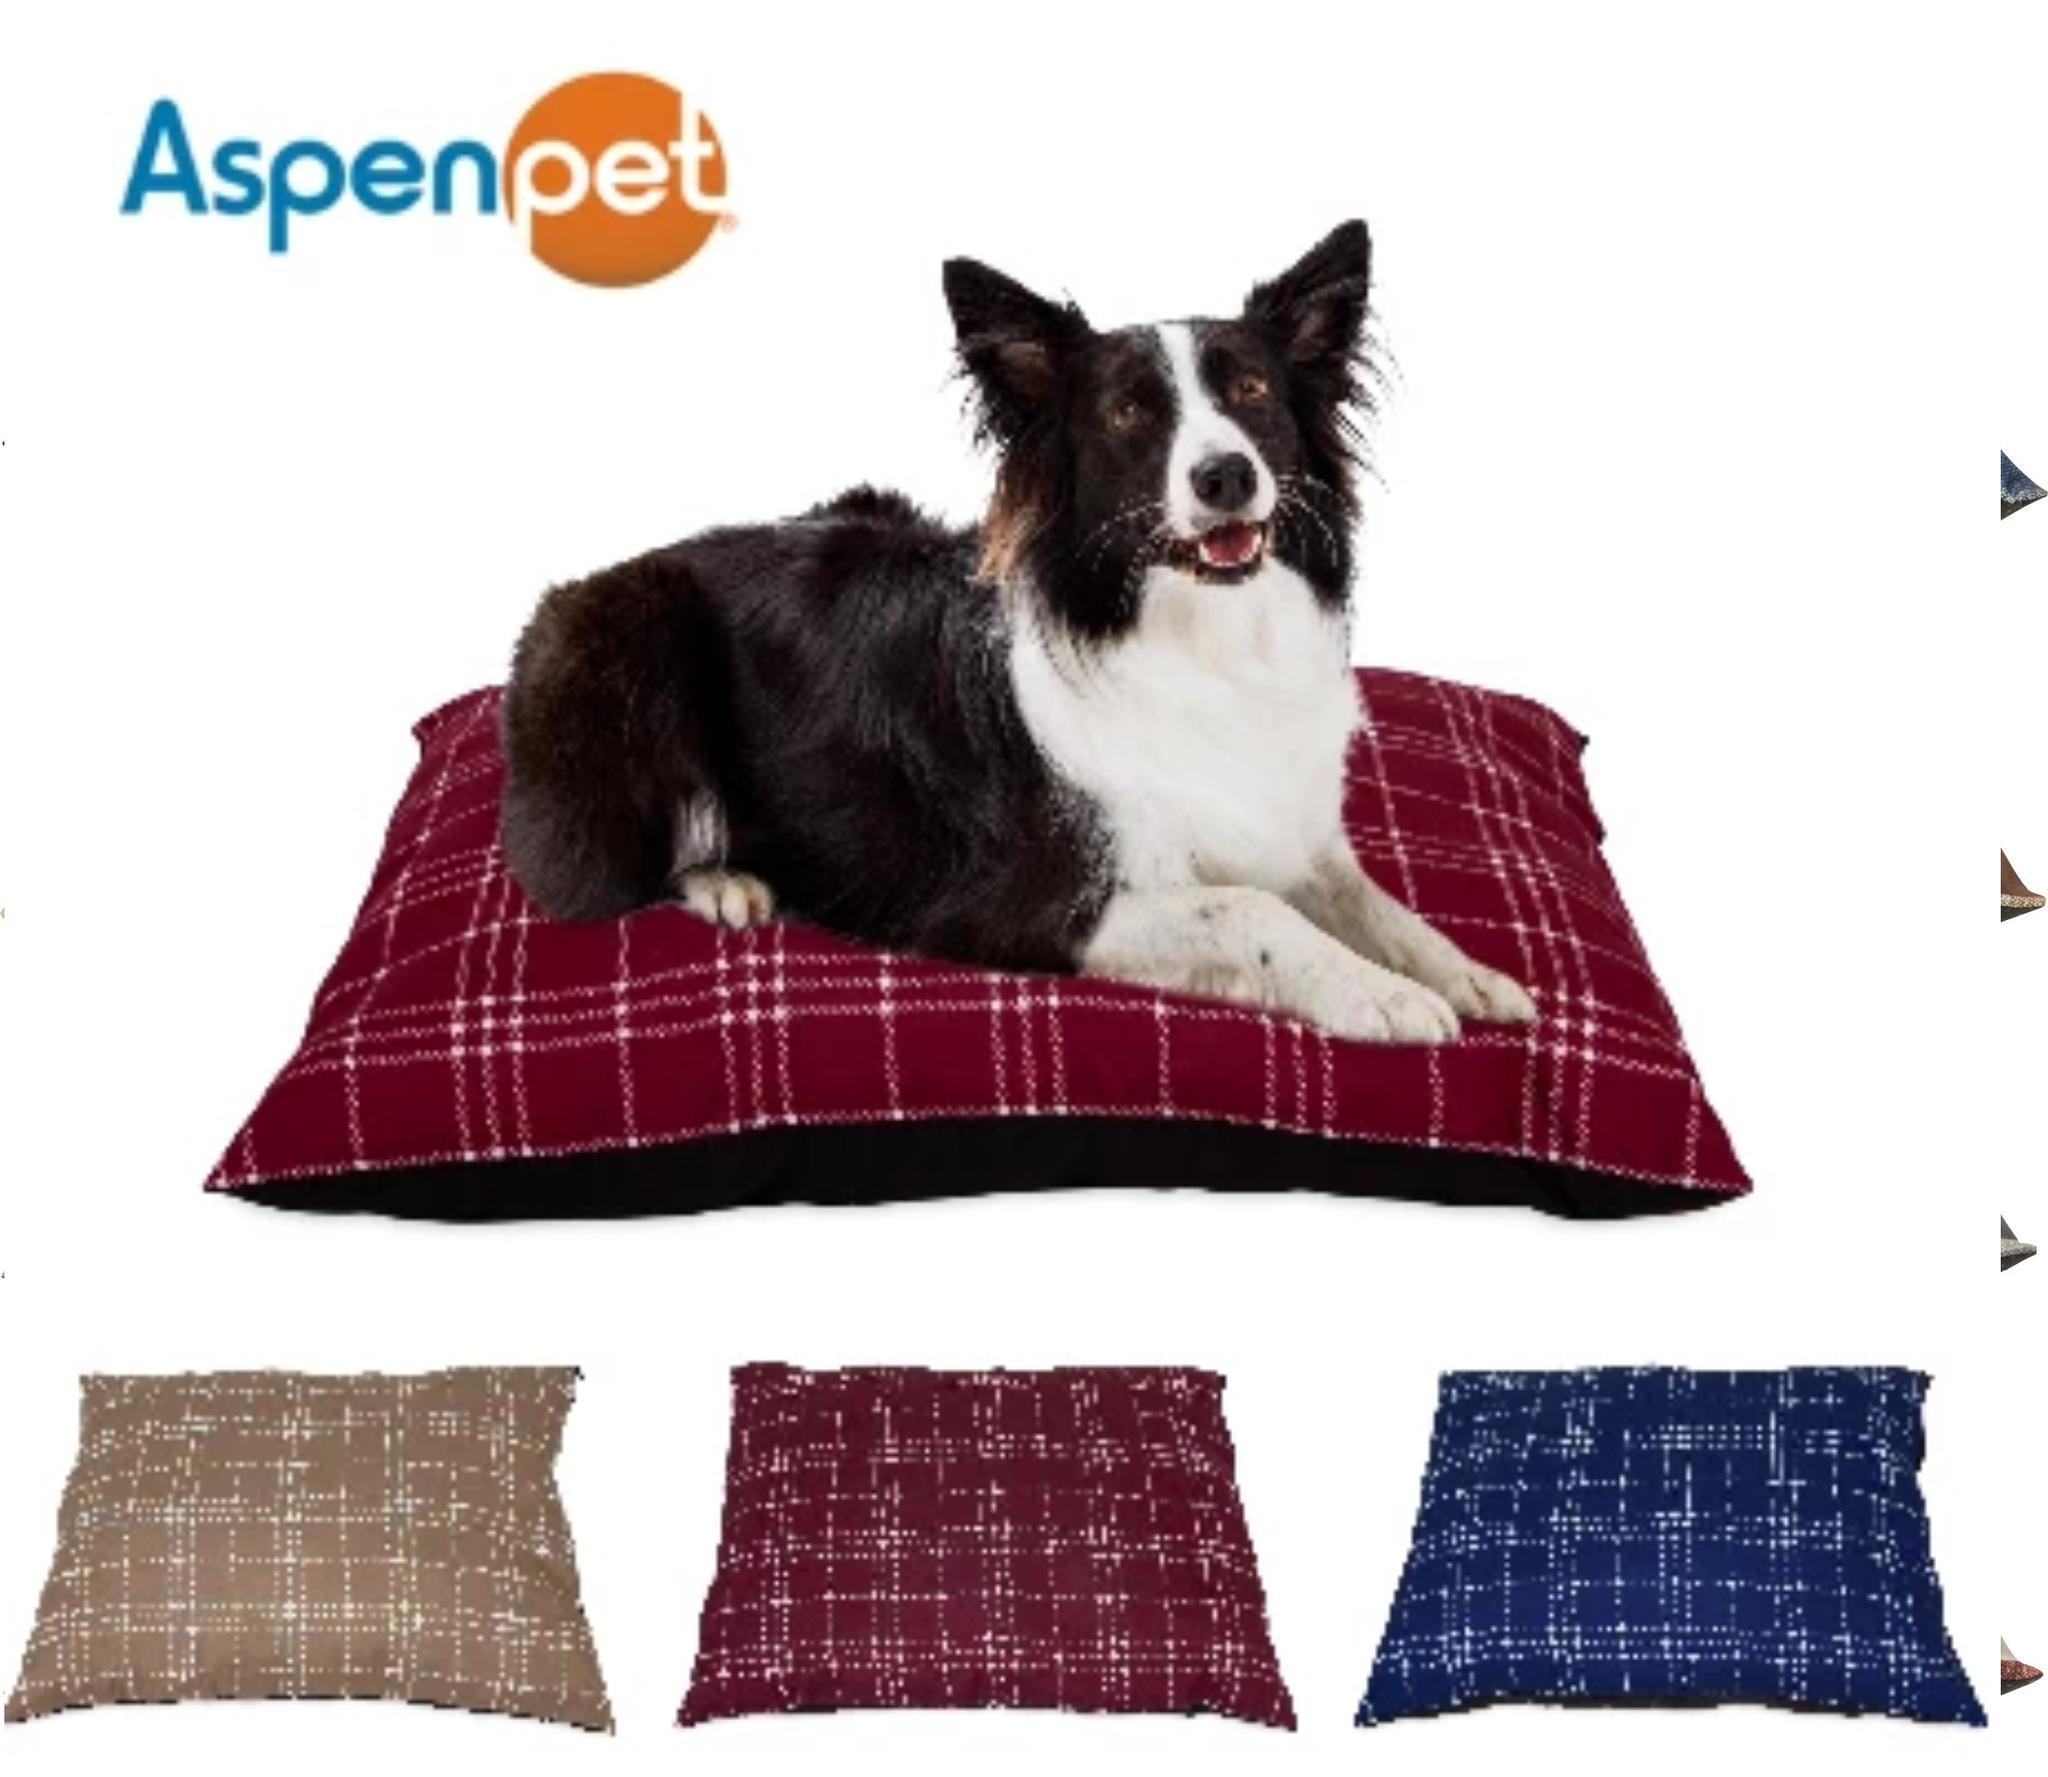 Aspenpet Aspen Machine Washable Pet Bed